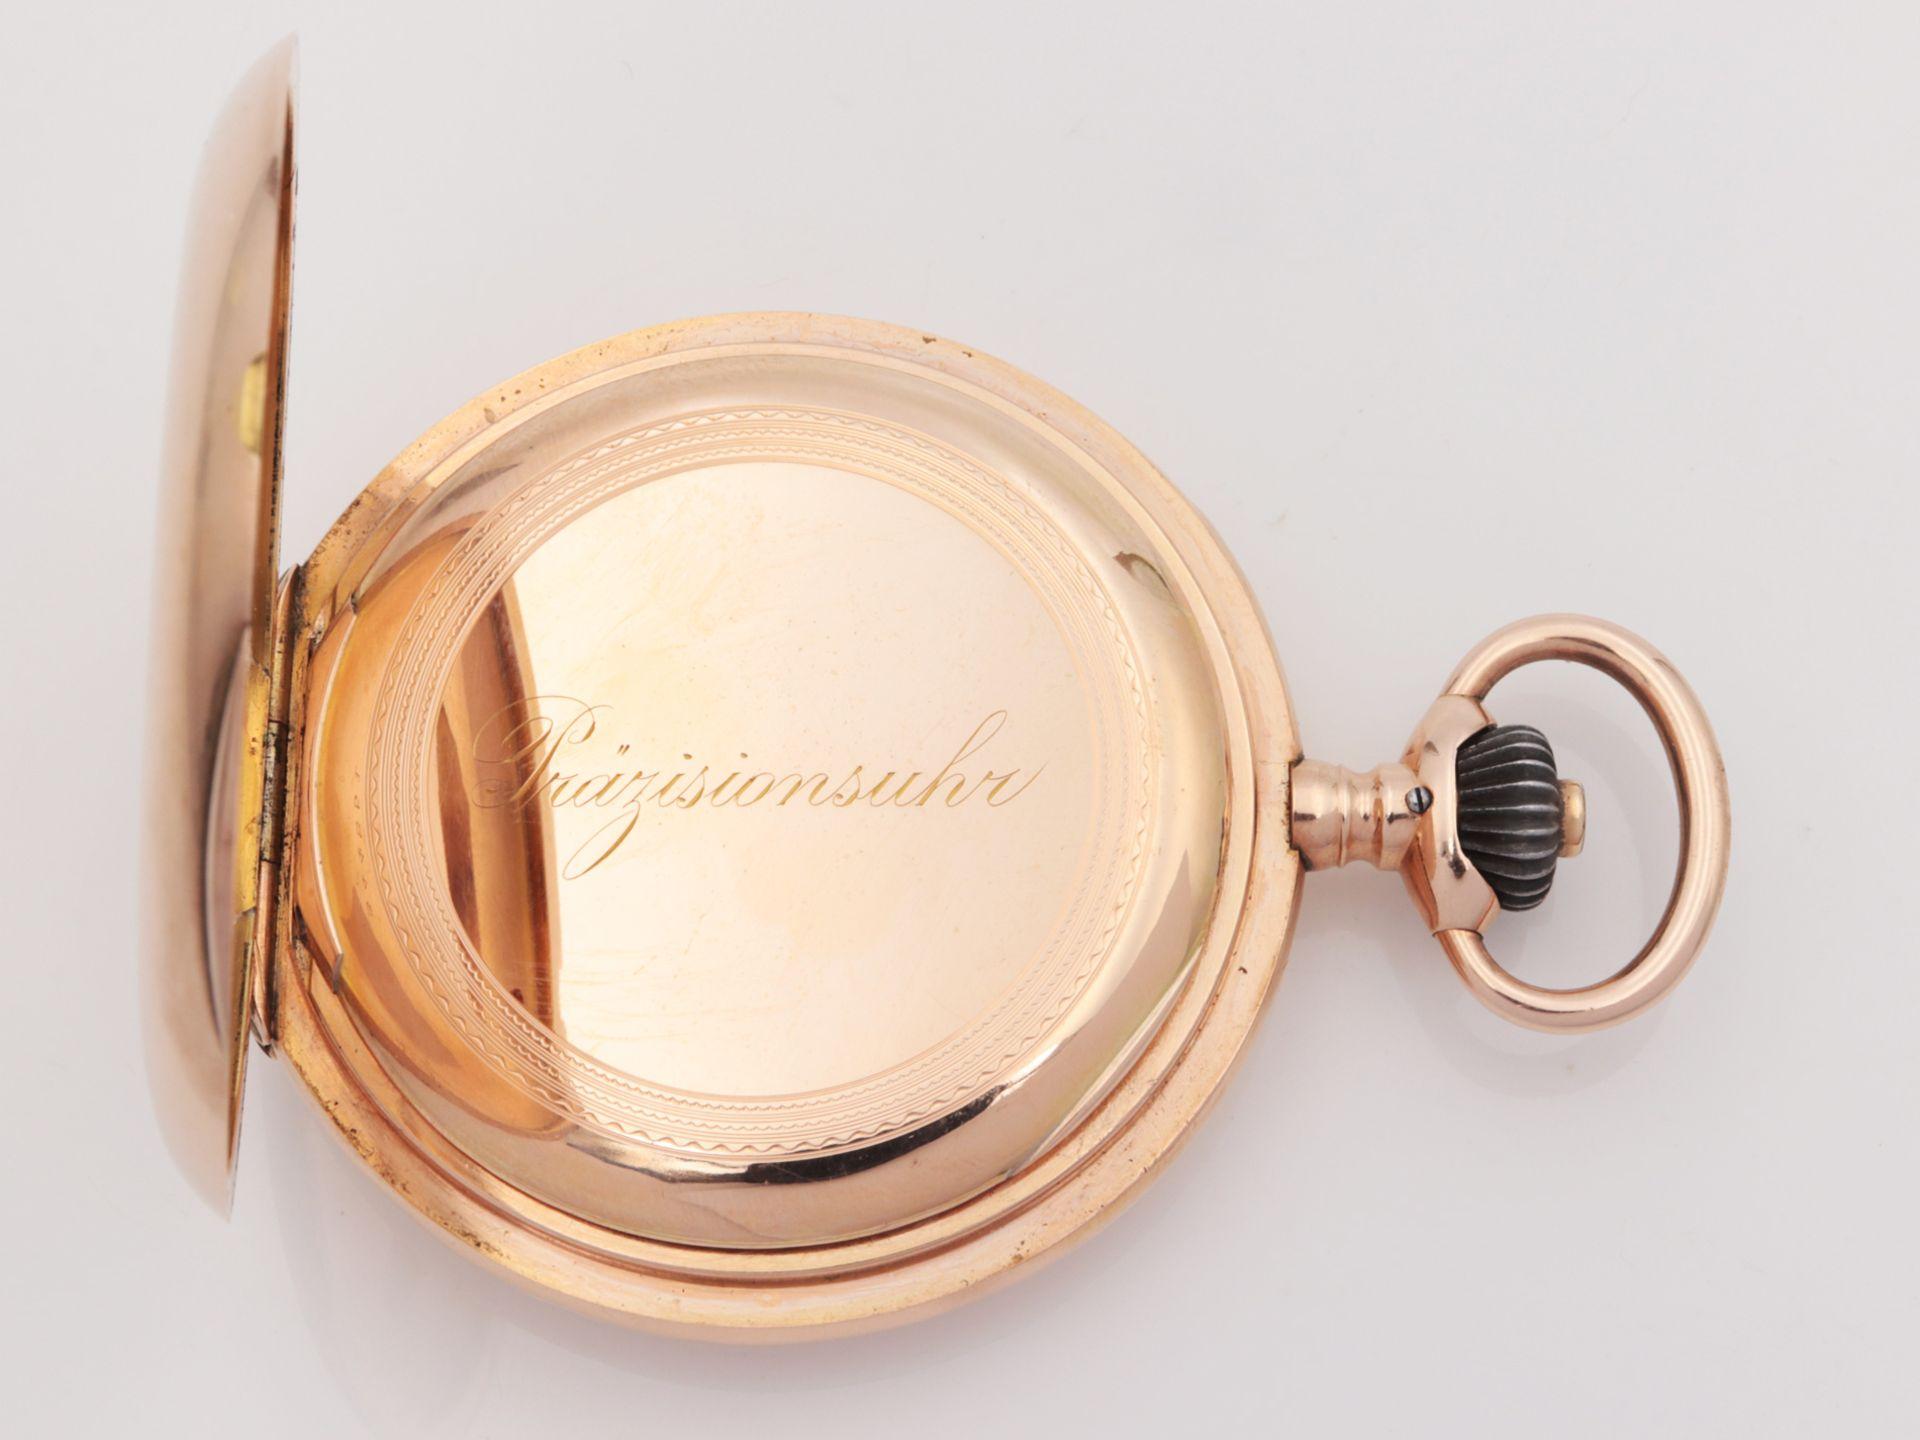 IWC – Herrentaschenuhr Gelbgold 585, 14Kt, Savonette, Dca.5cm, weißes Emailzifferbl - Image 2 of 22